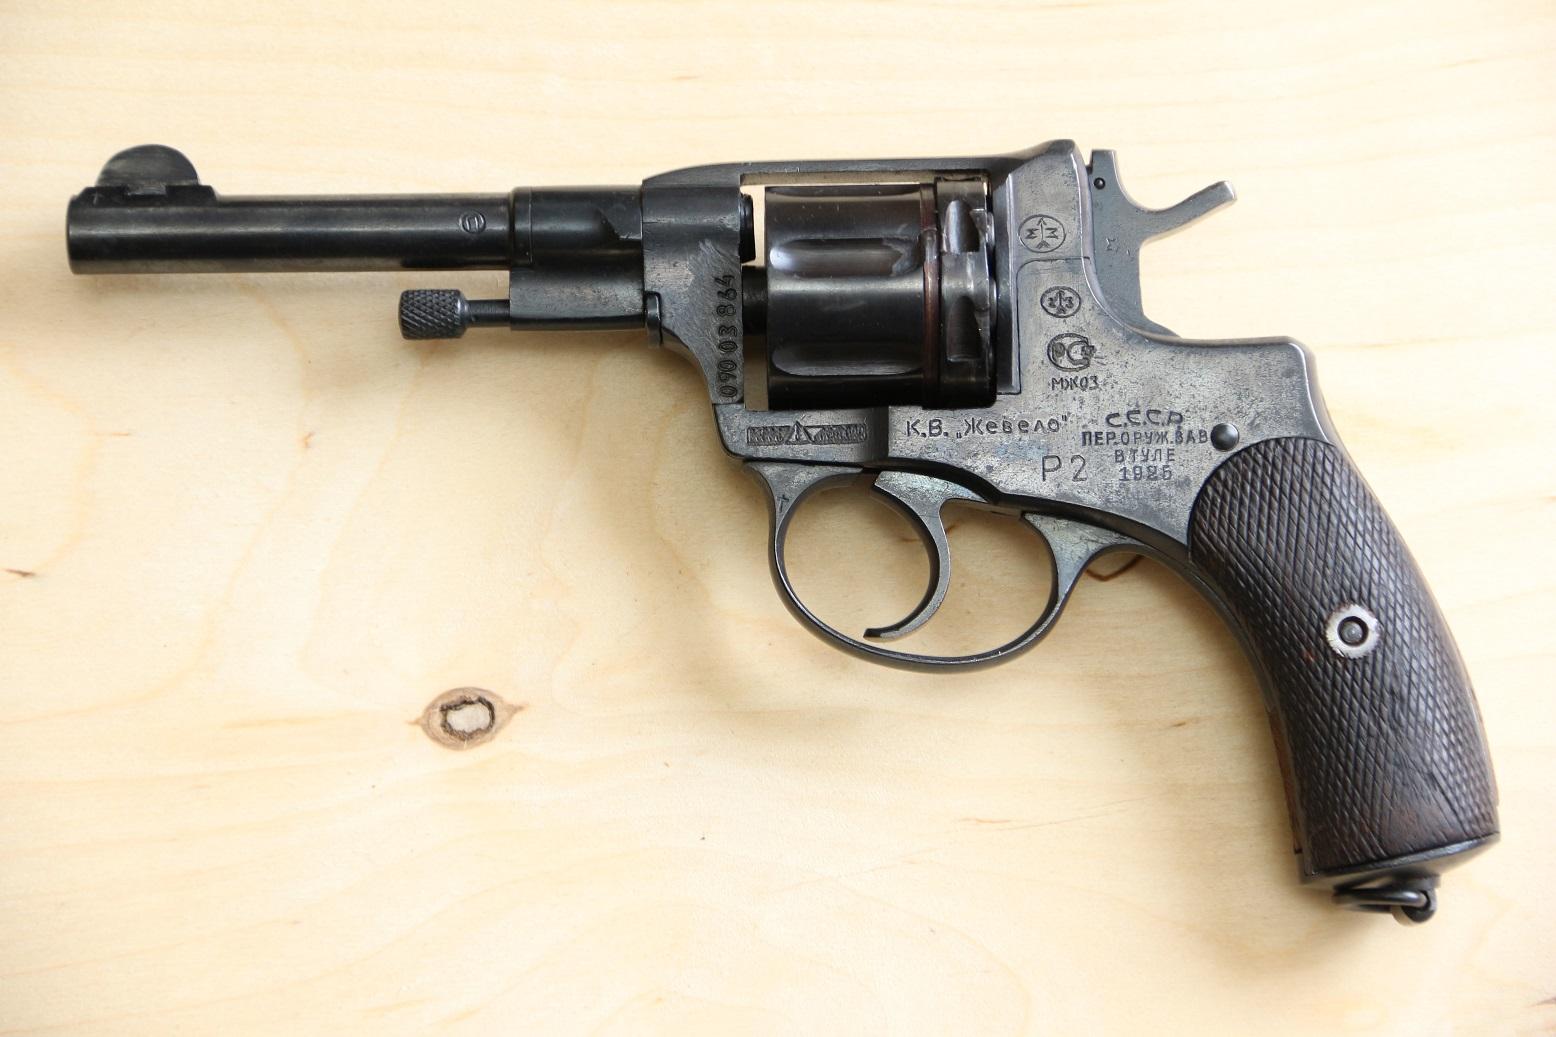 Фото Сигнальный револьвер Наган Р-2, 1925 год, №0903864